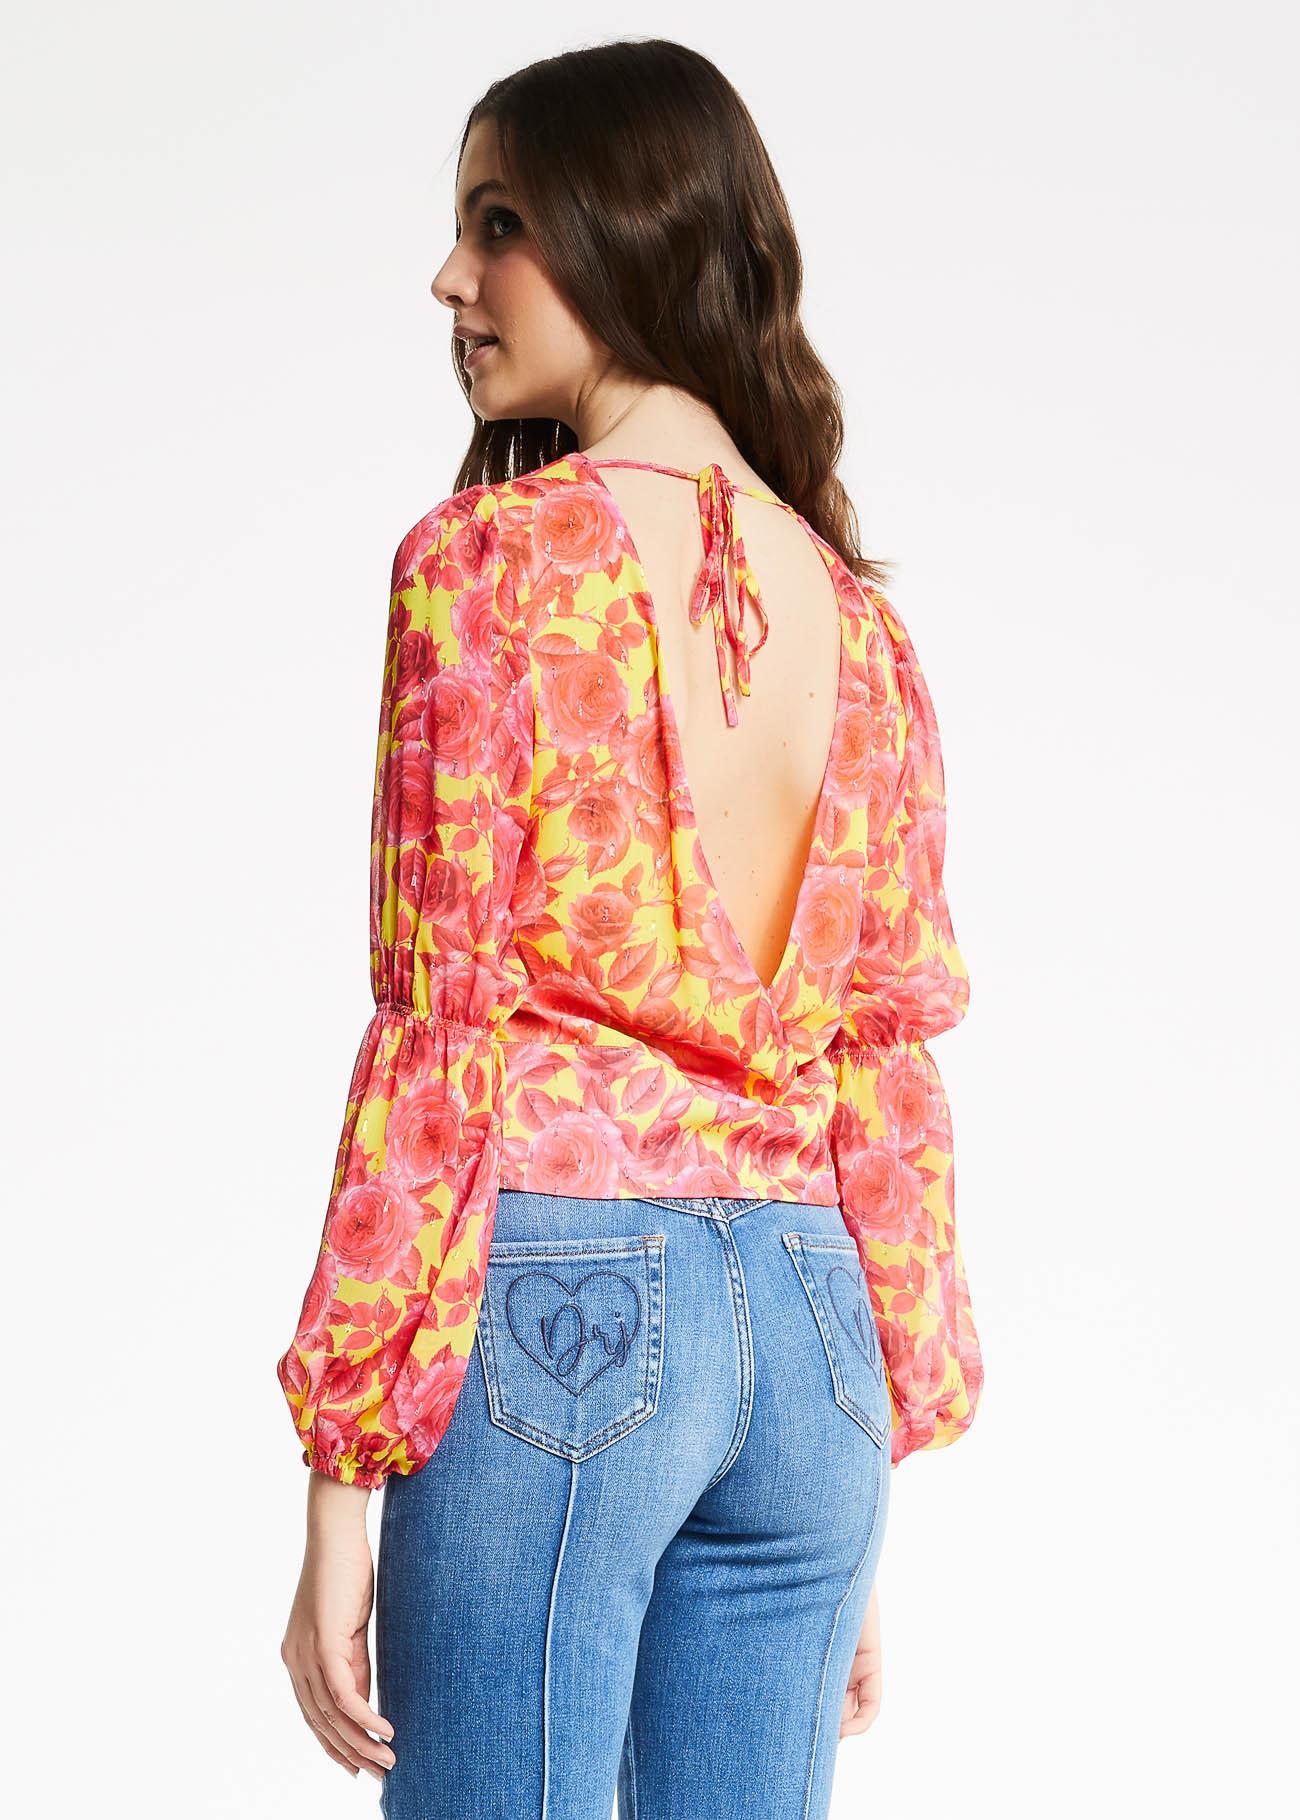 Blusa in creponne Denny Rose DENNY ROSE   Maglia   ND45004118922-01